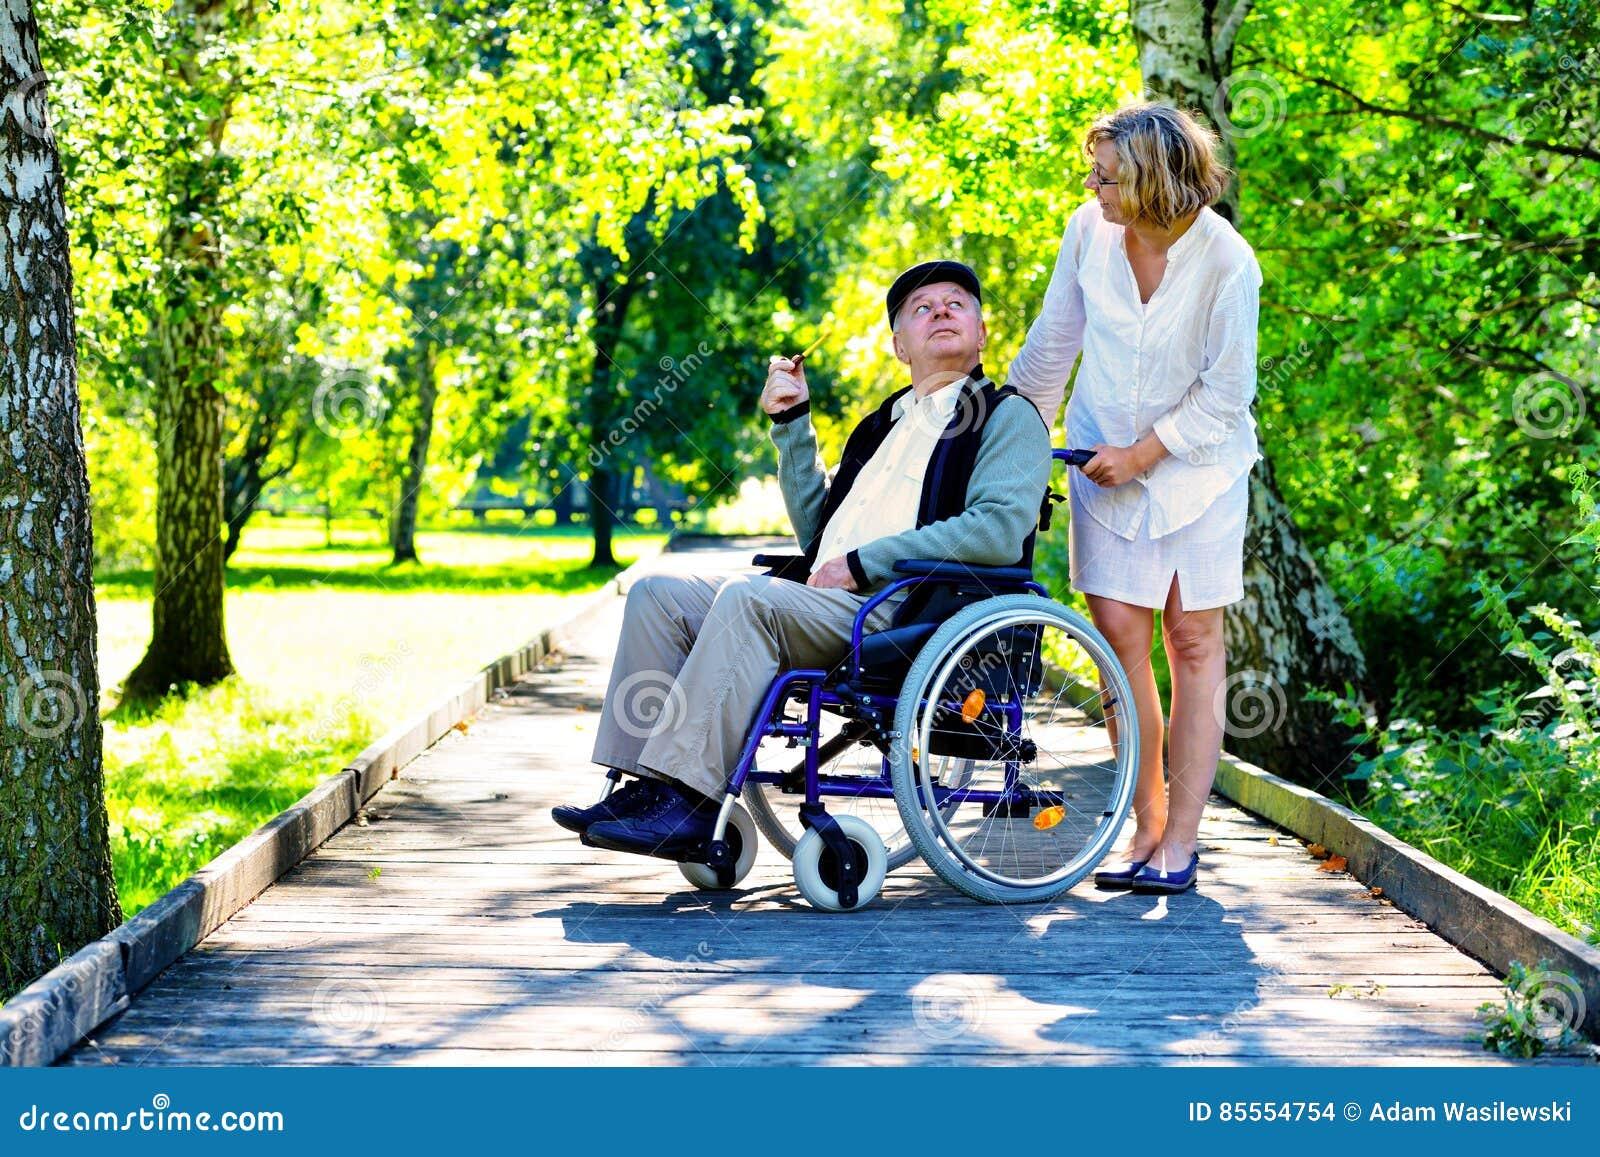 Alter Mann auf Rollstuhl und junger Frau im Park